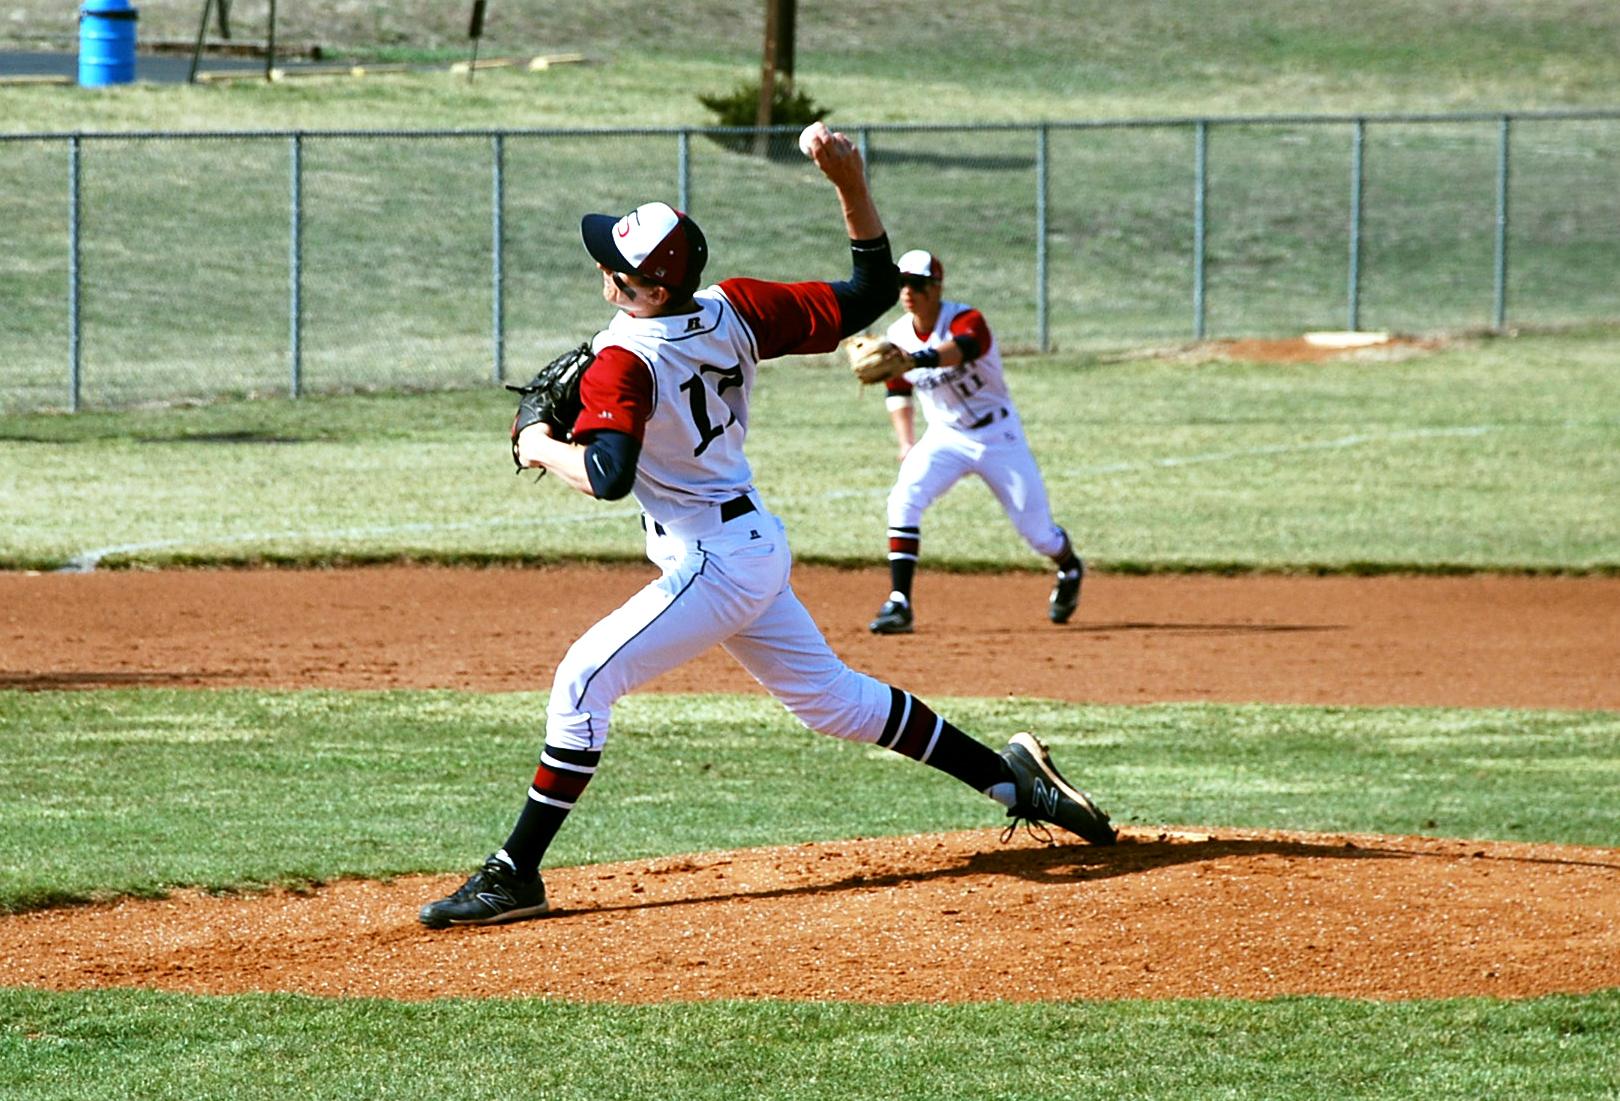 Seaman baseball ranked No. 1 in the nation